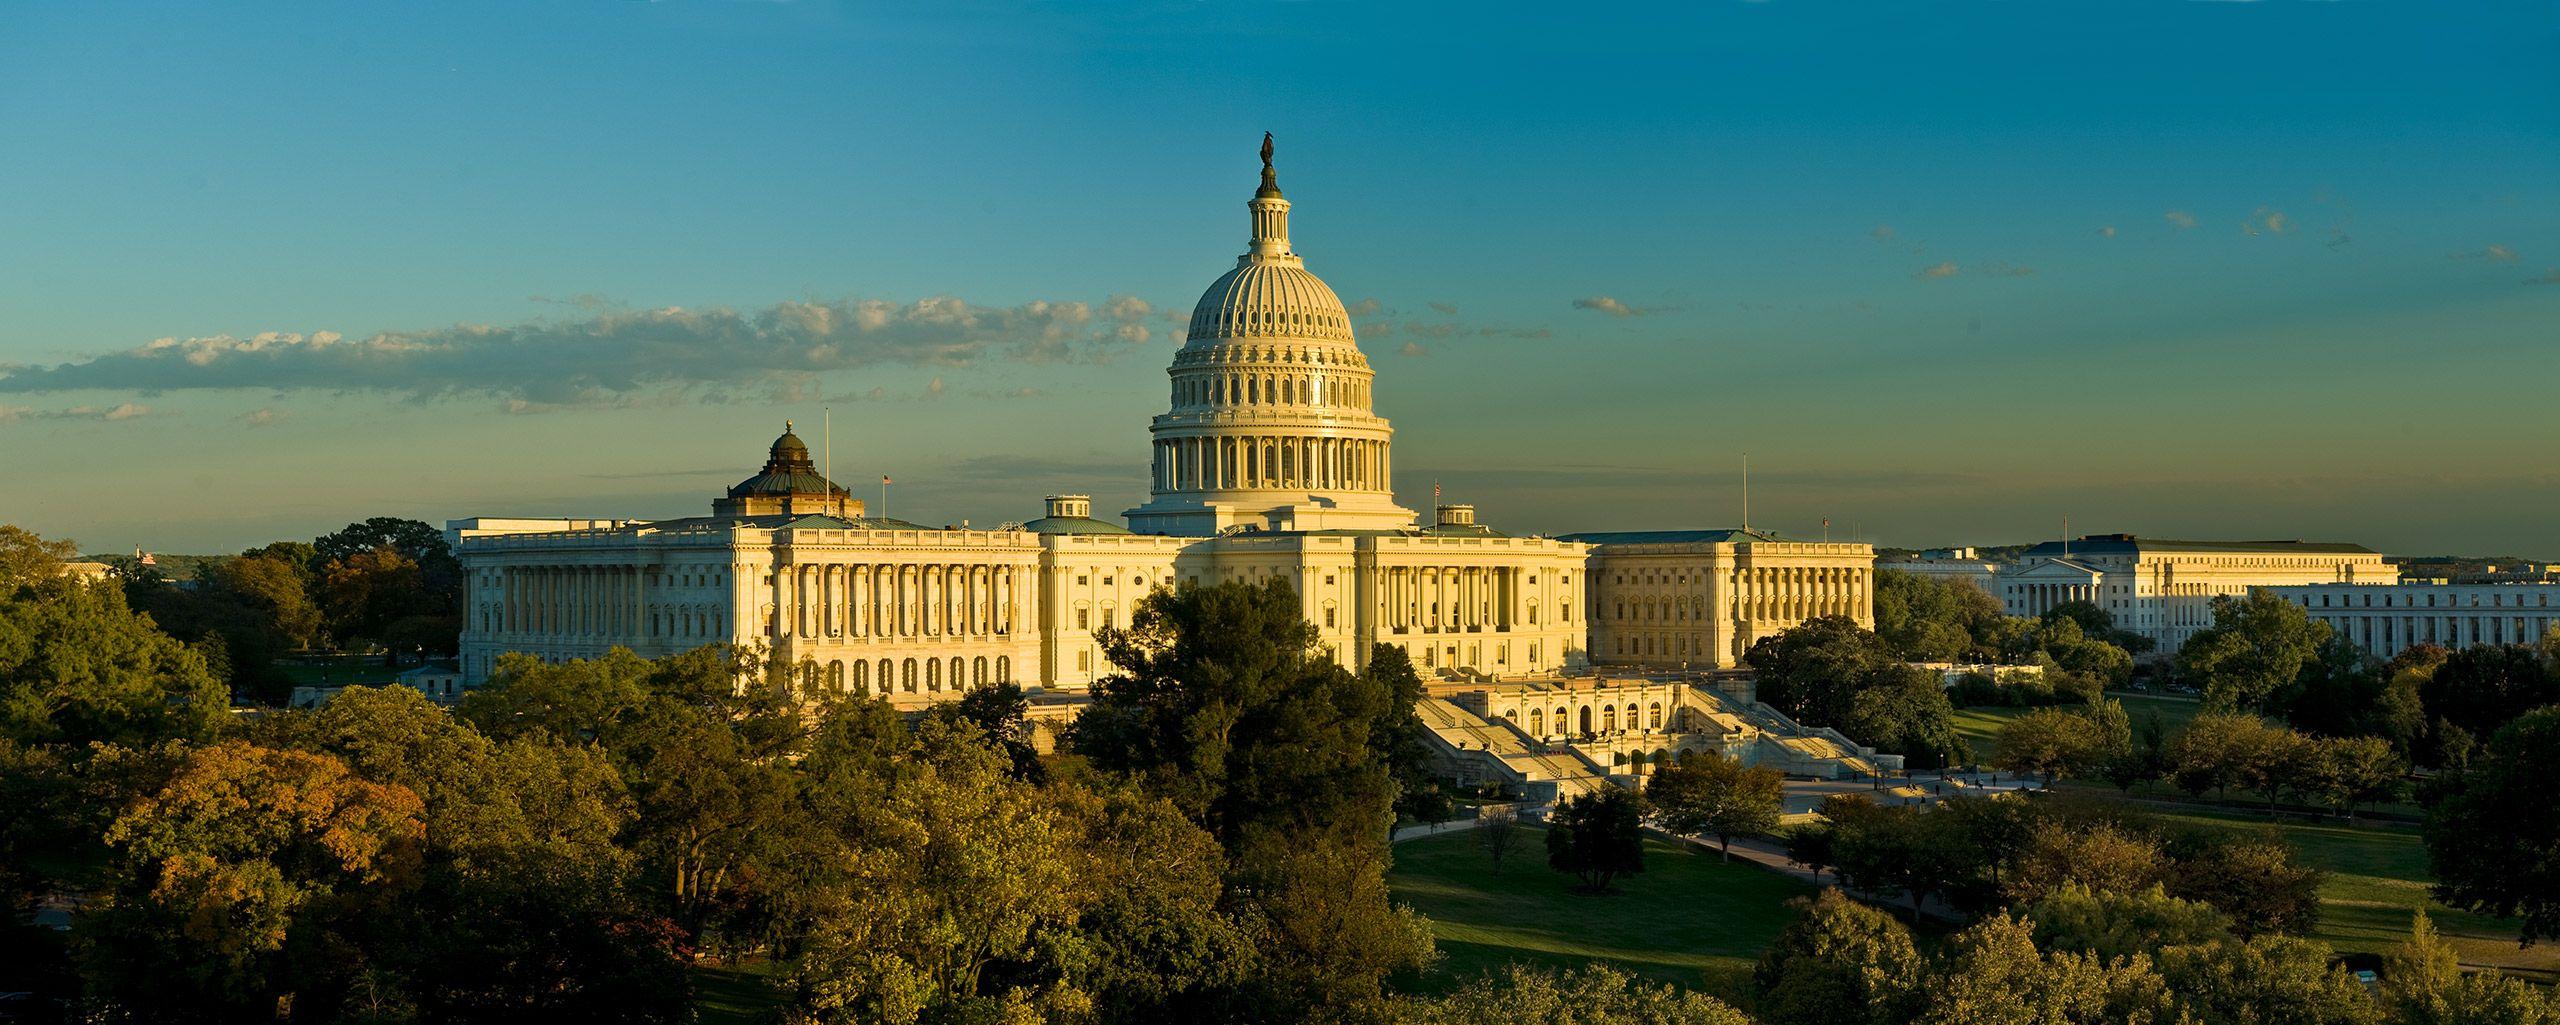 D-10-10-21-6863_68-Capitol-Pano-02).jpg